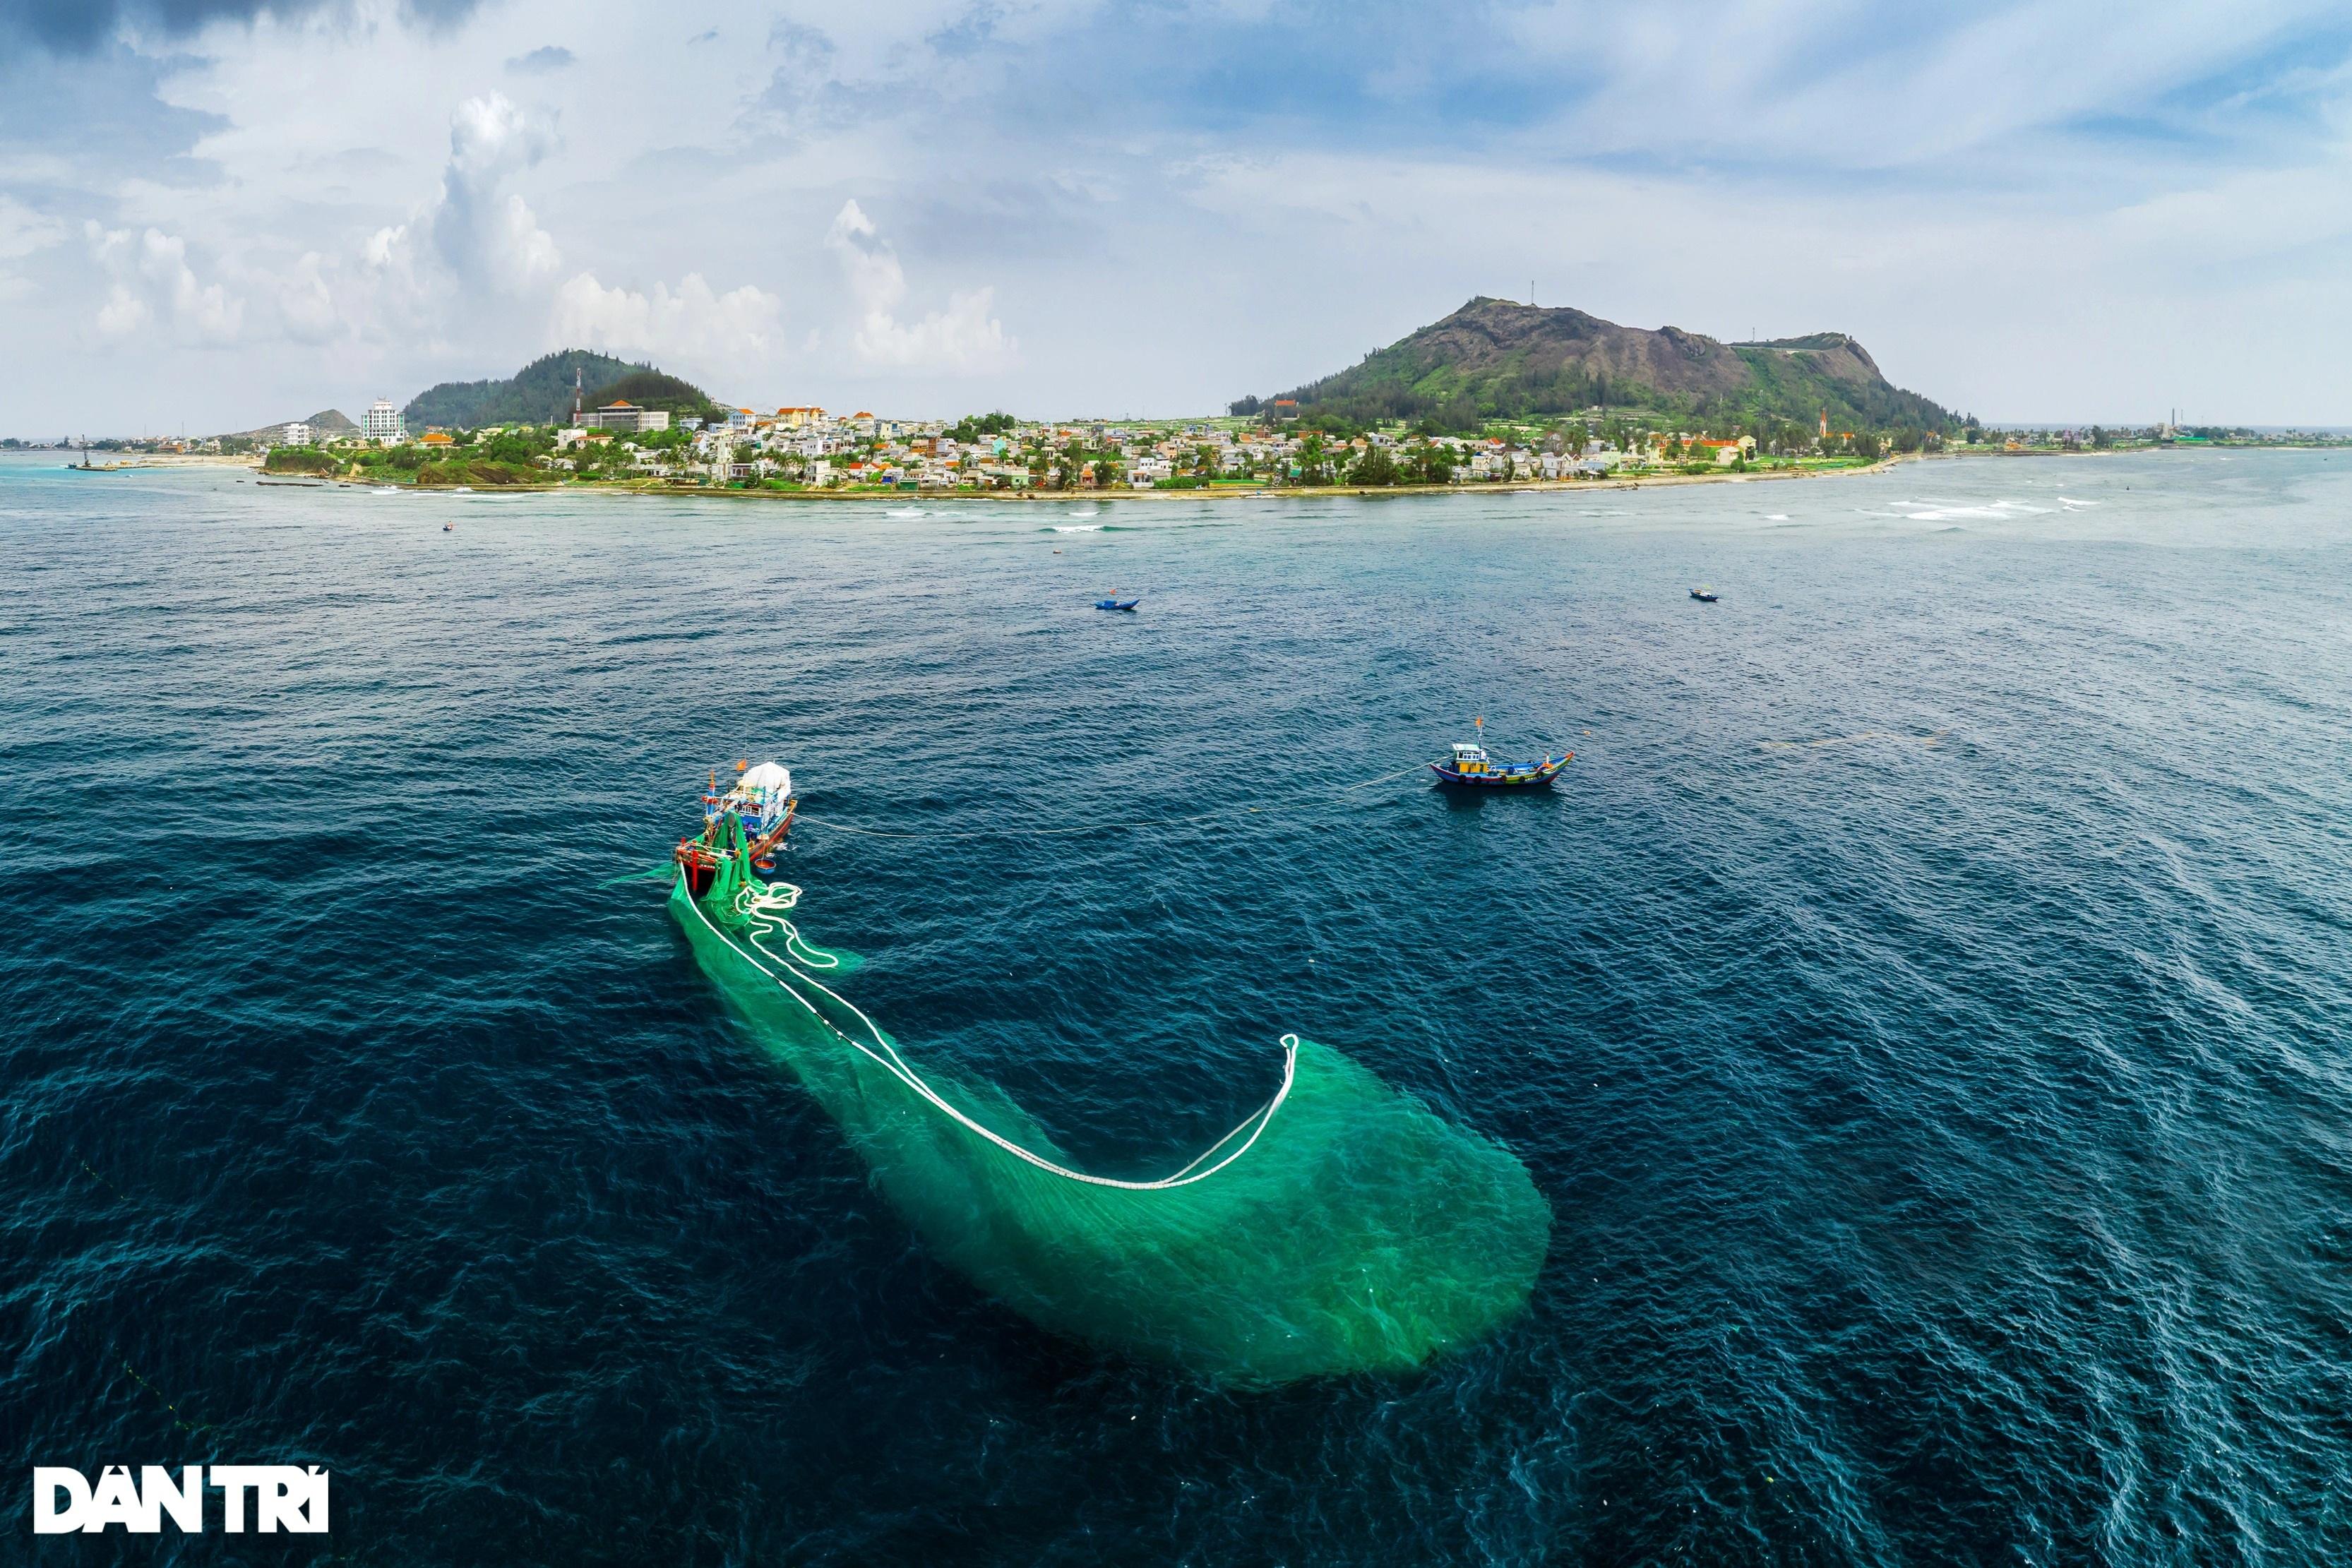 Núi lửa triệu năm tuổi và những cảnh đẹp hút hồn du khách ở đảo Lý Sơn - 11